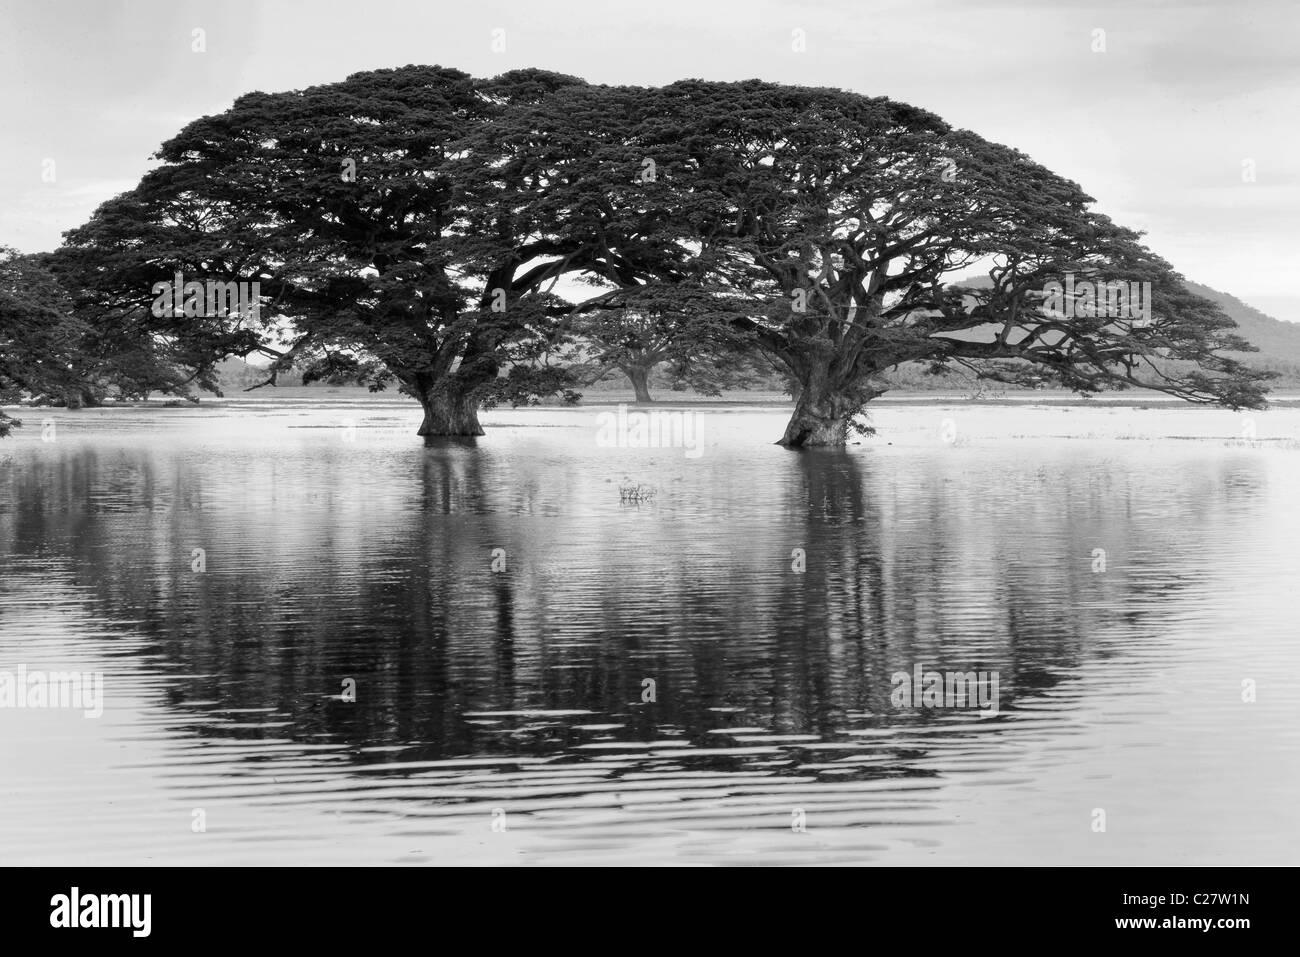 Regen-Bäume (Unternehmen Saman) spiegelt sich in saisonale Teich, Sri Lanka Stockbild